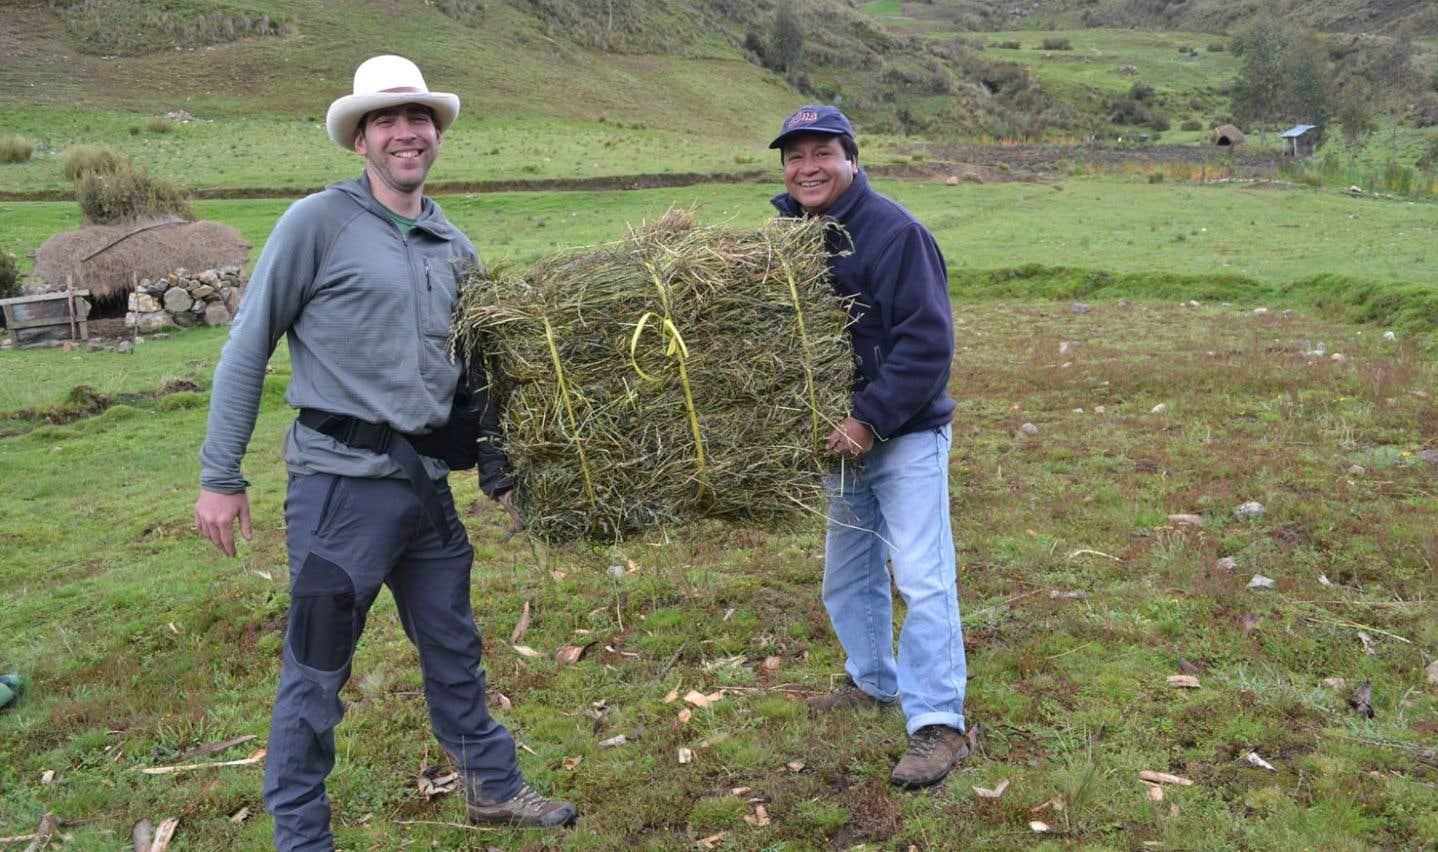 Dans la petite collectivité de Tashta, au Pérou